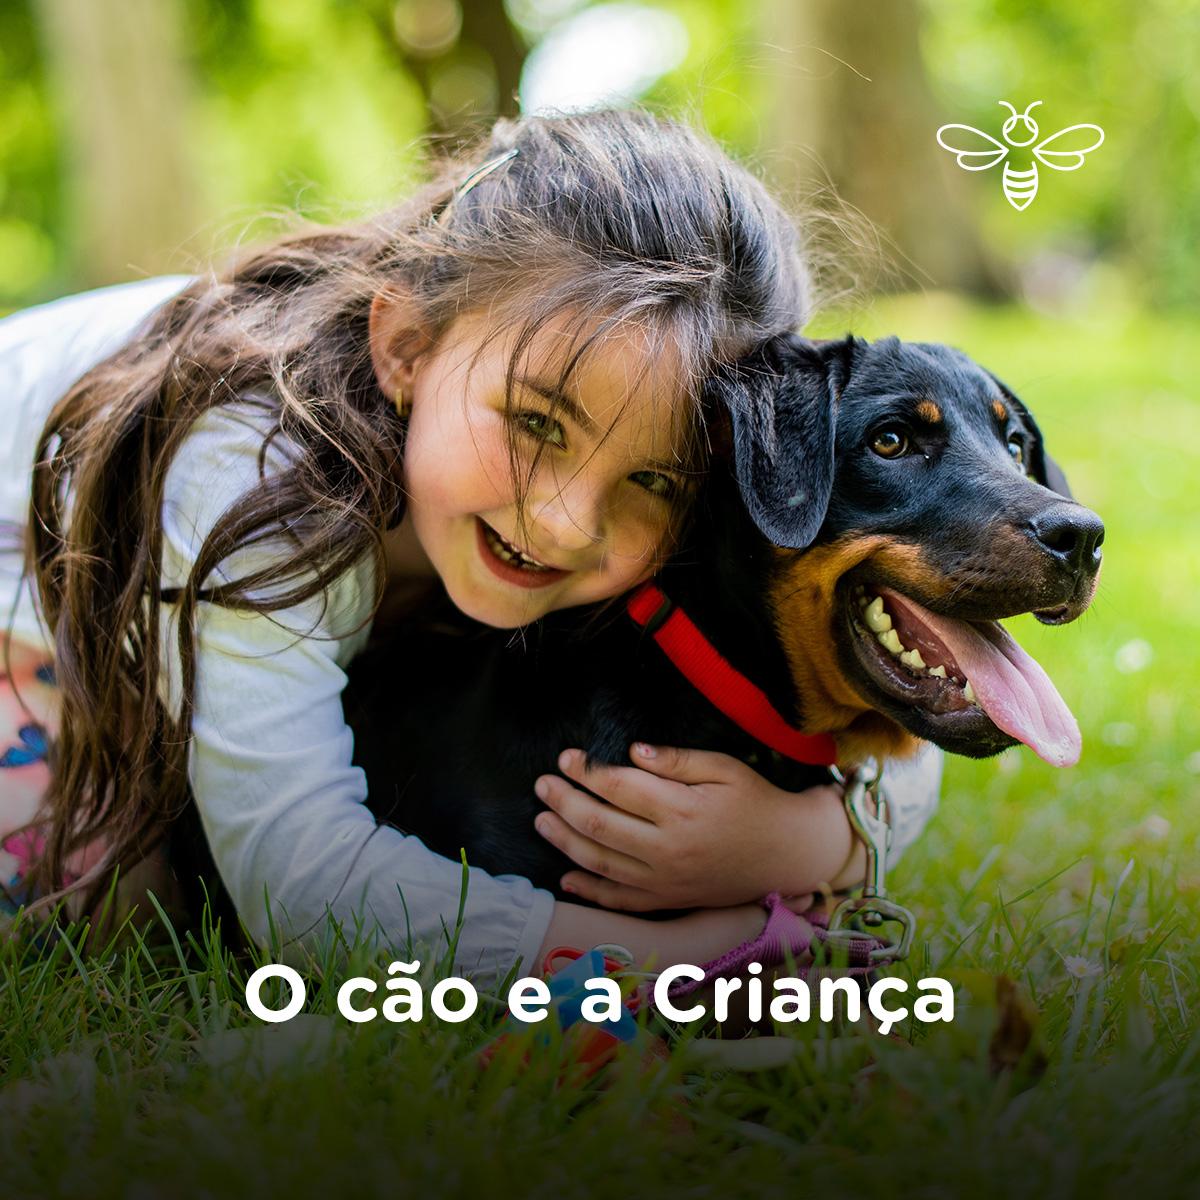 O cão e a criança